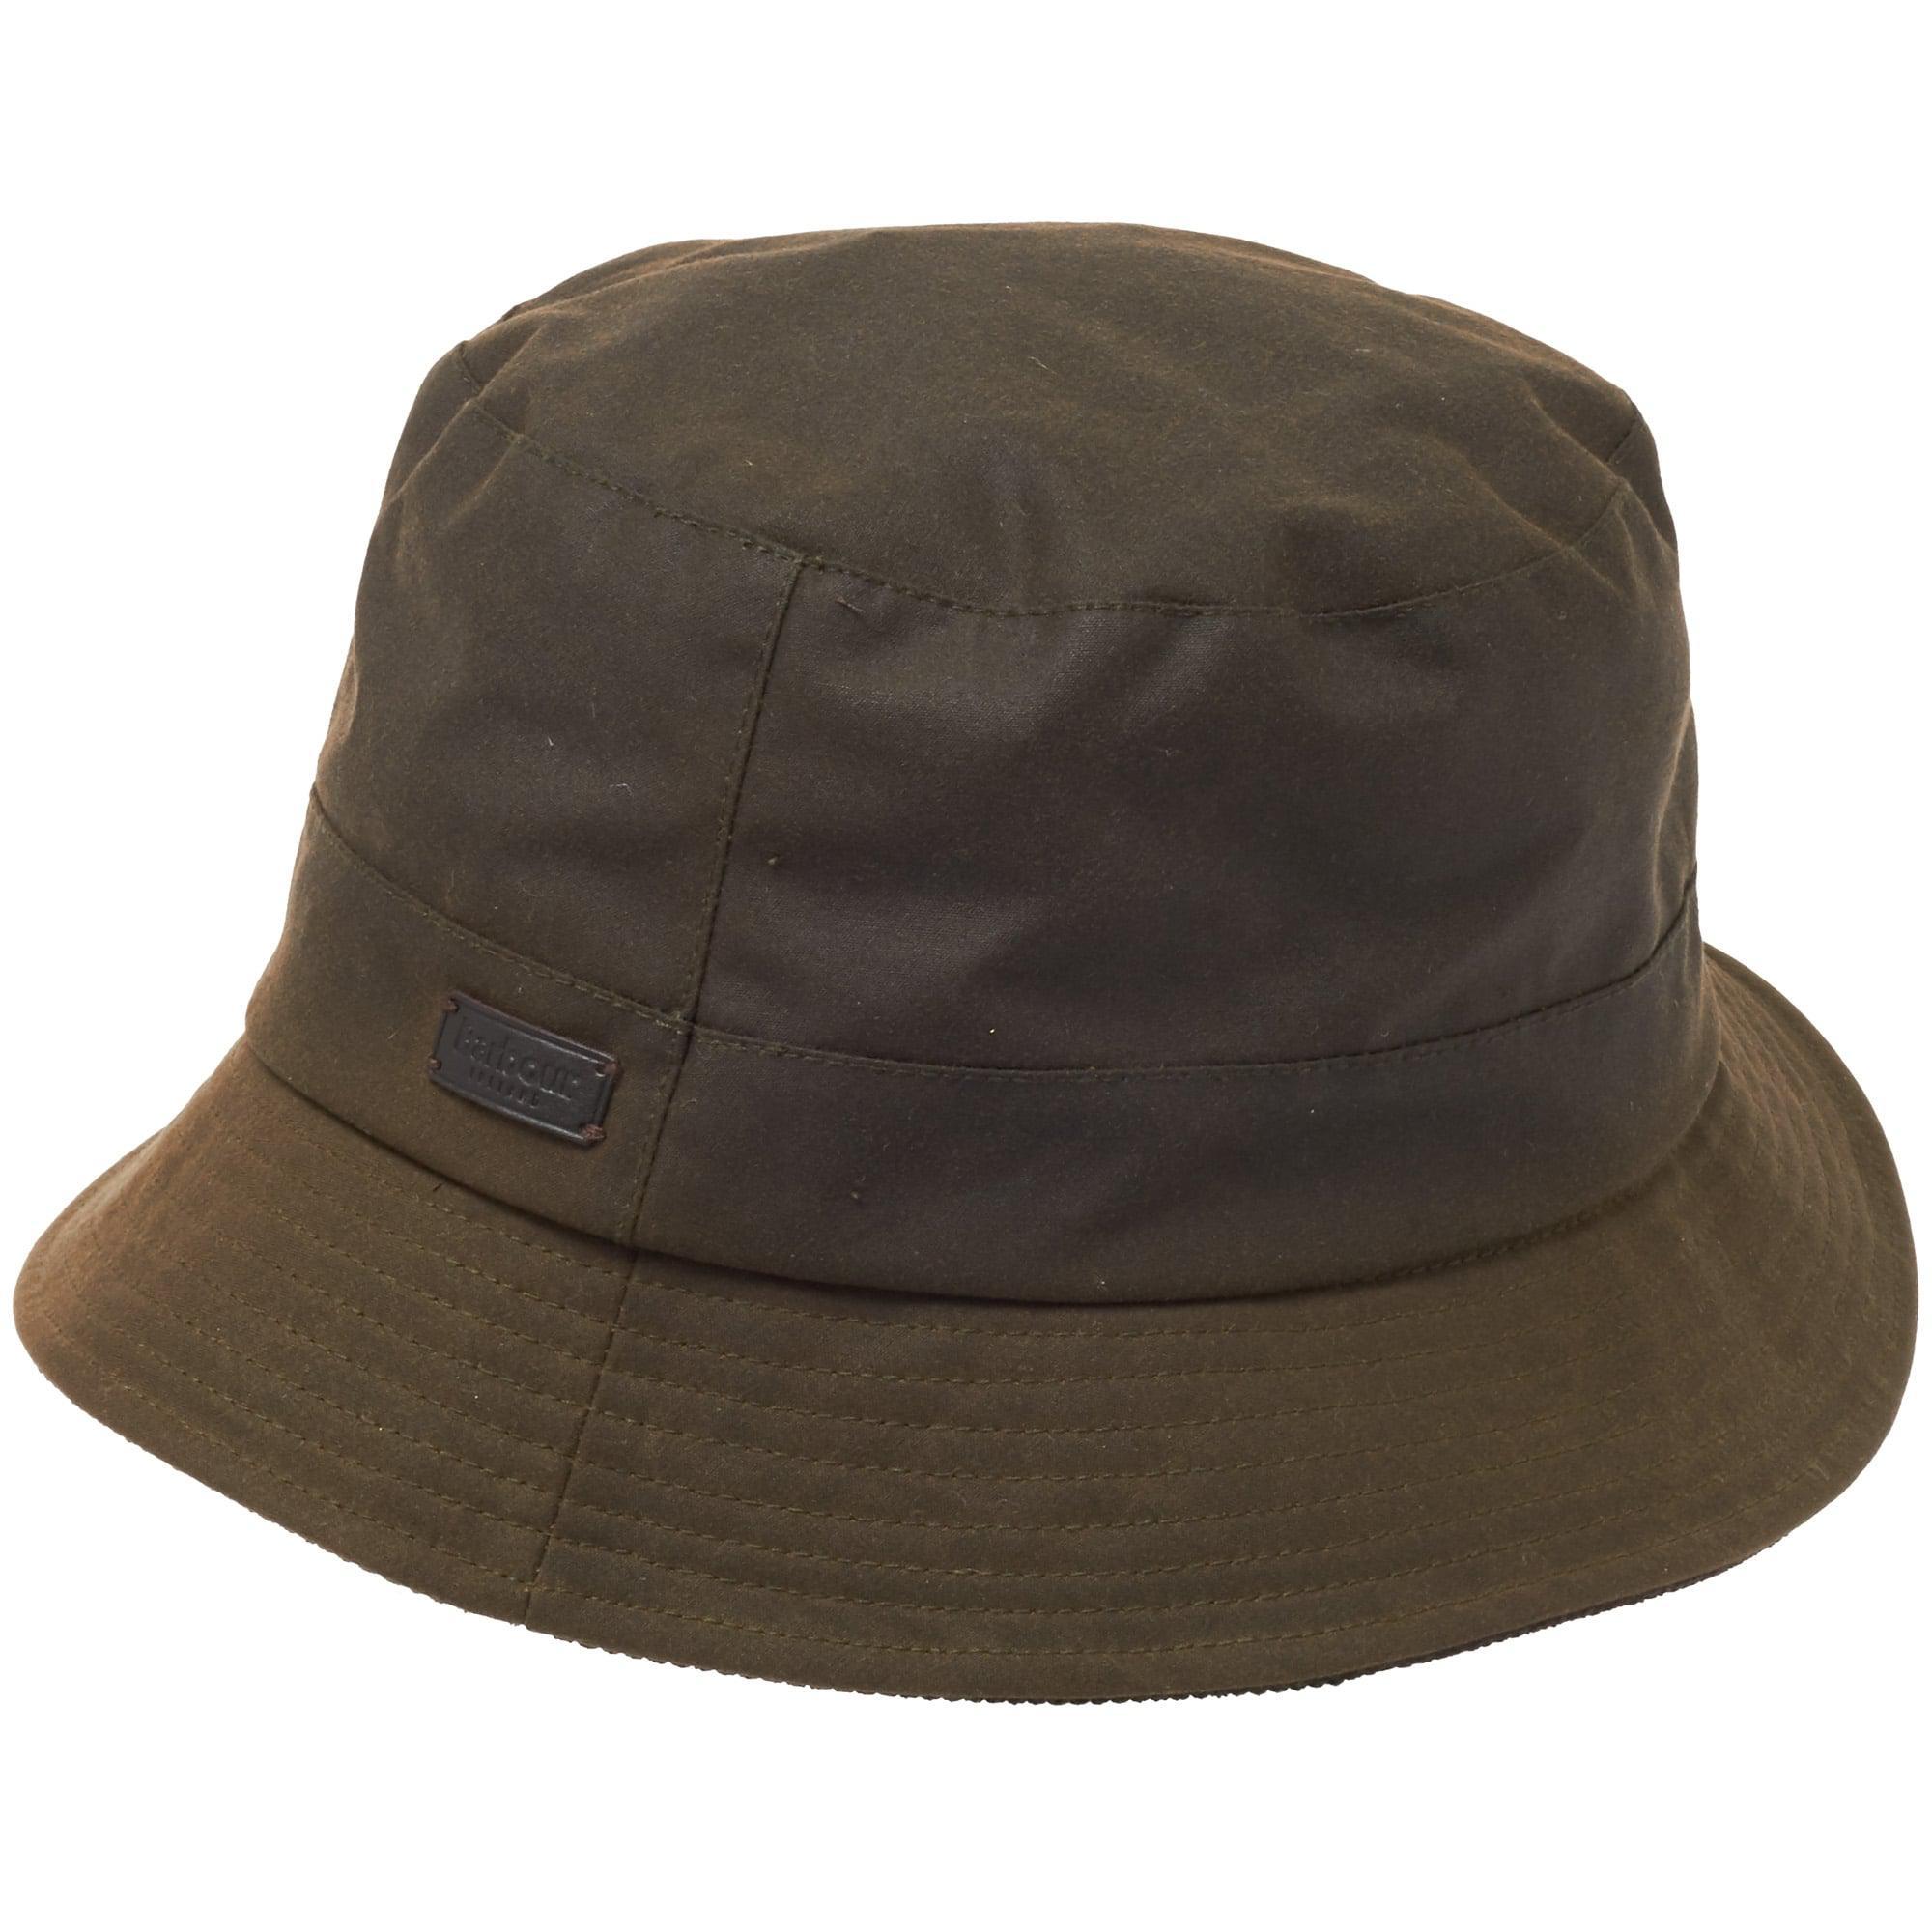 025f8138e9b Lyst - Barbour Devon Sports Waxed Cotton Bucket Hat in Green for Men